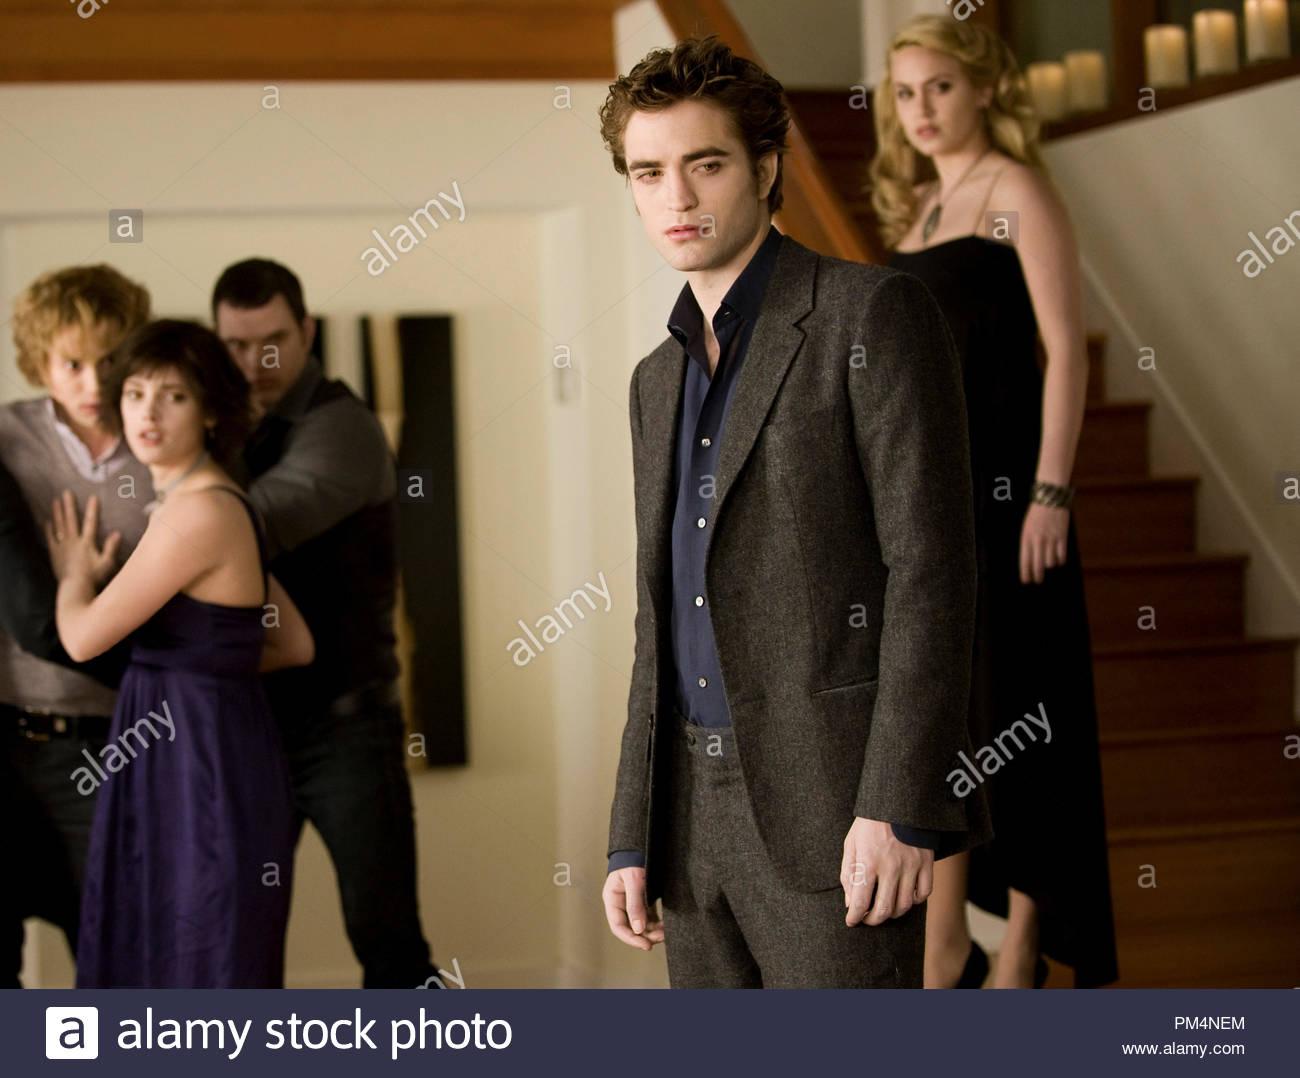 Robert Pattinson Als Edward Cullen Kristen Stewart Als Bella Swan